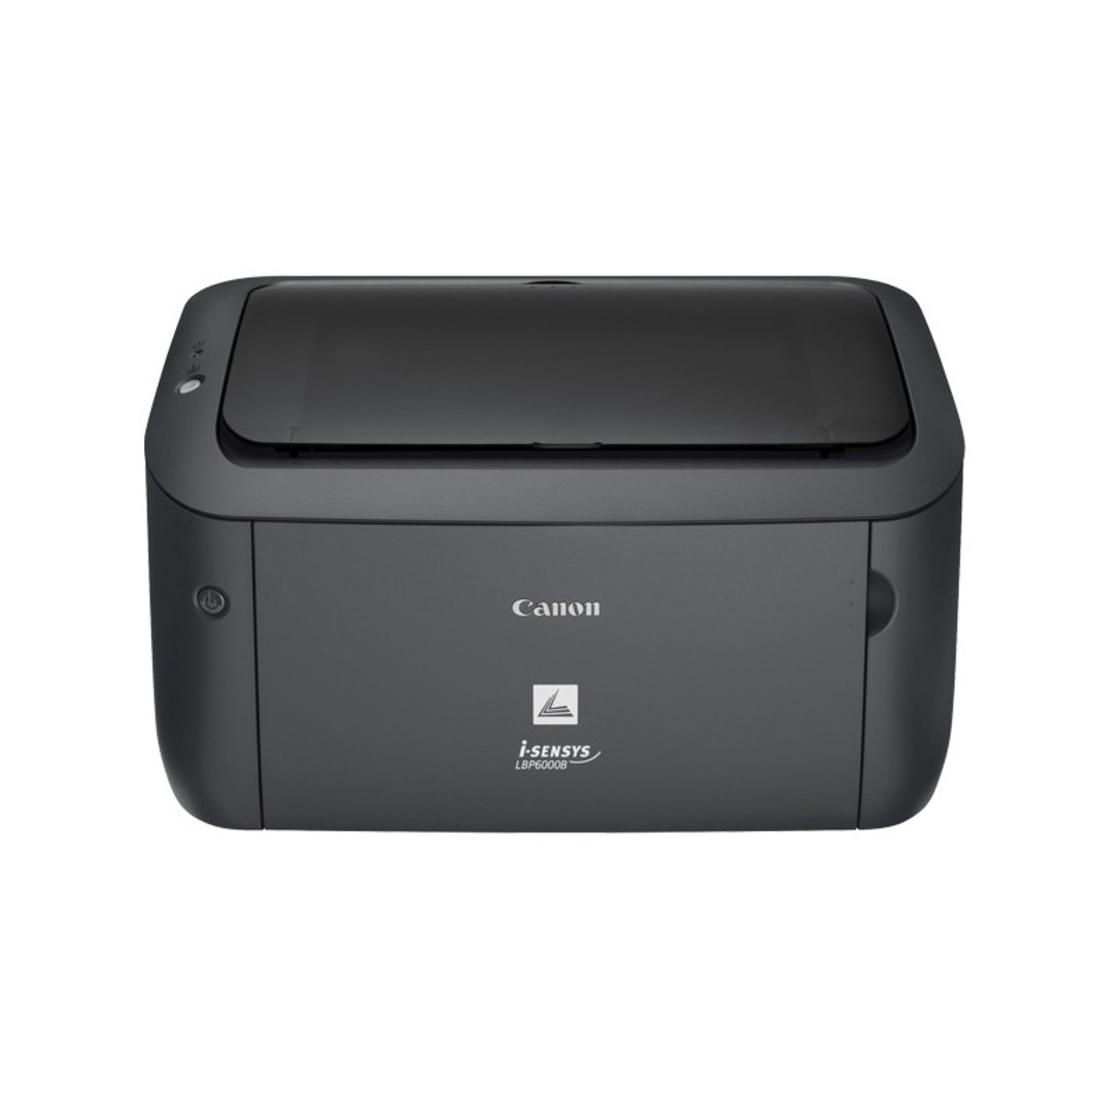 מדפסת Canon i-SENSYS LBP6030